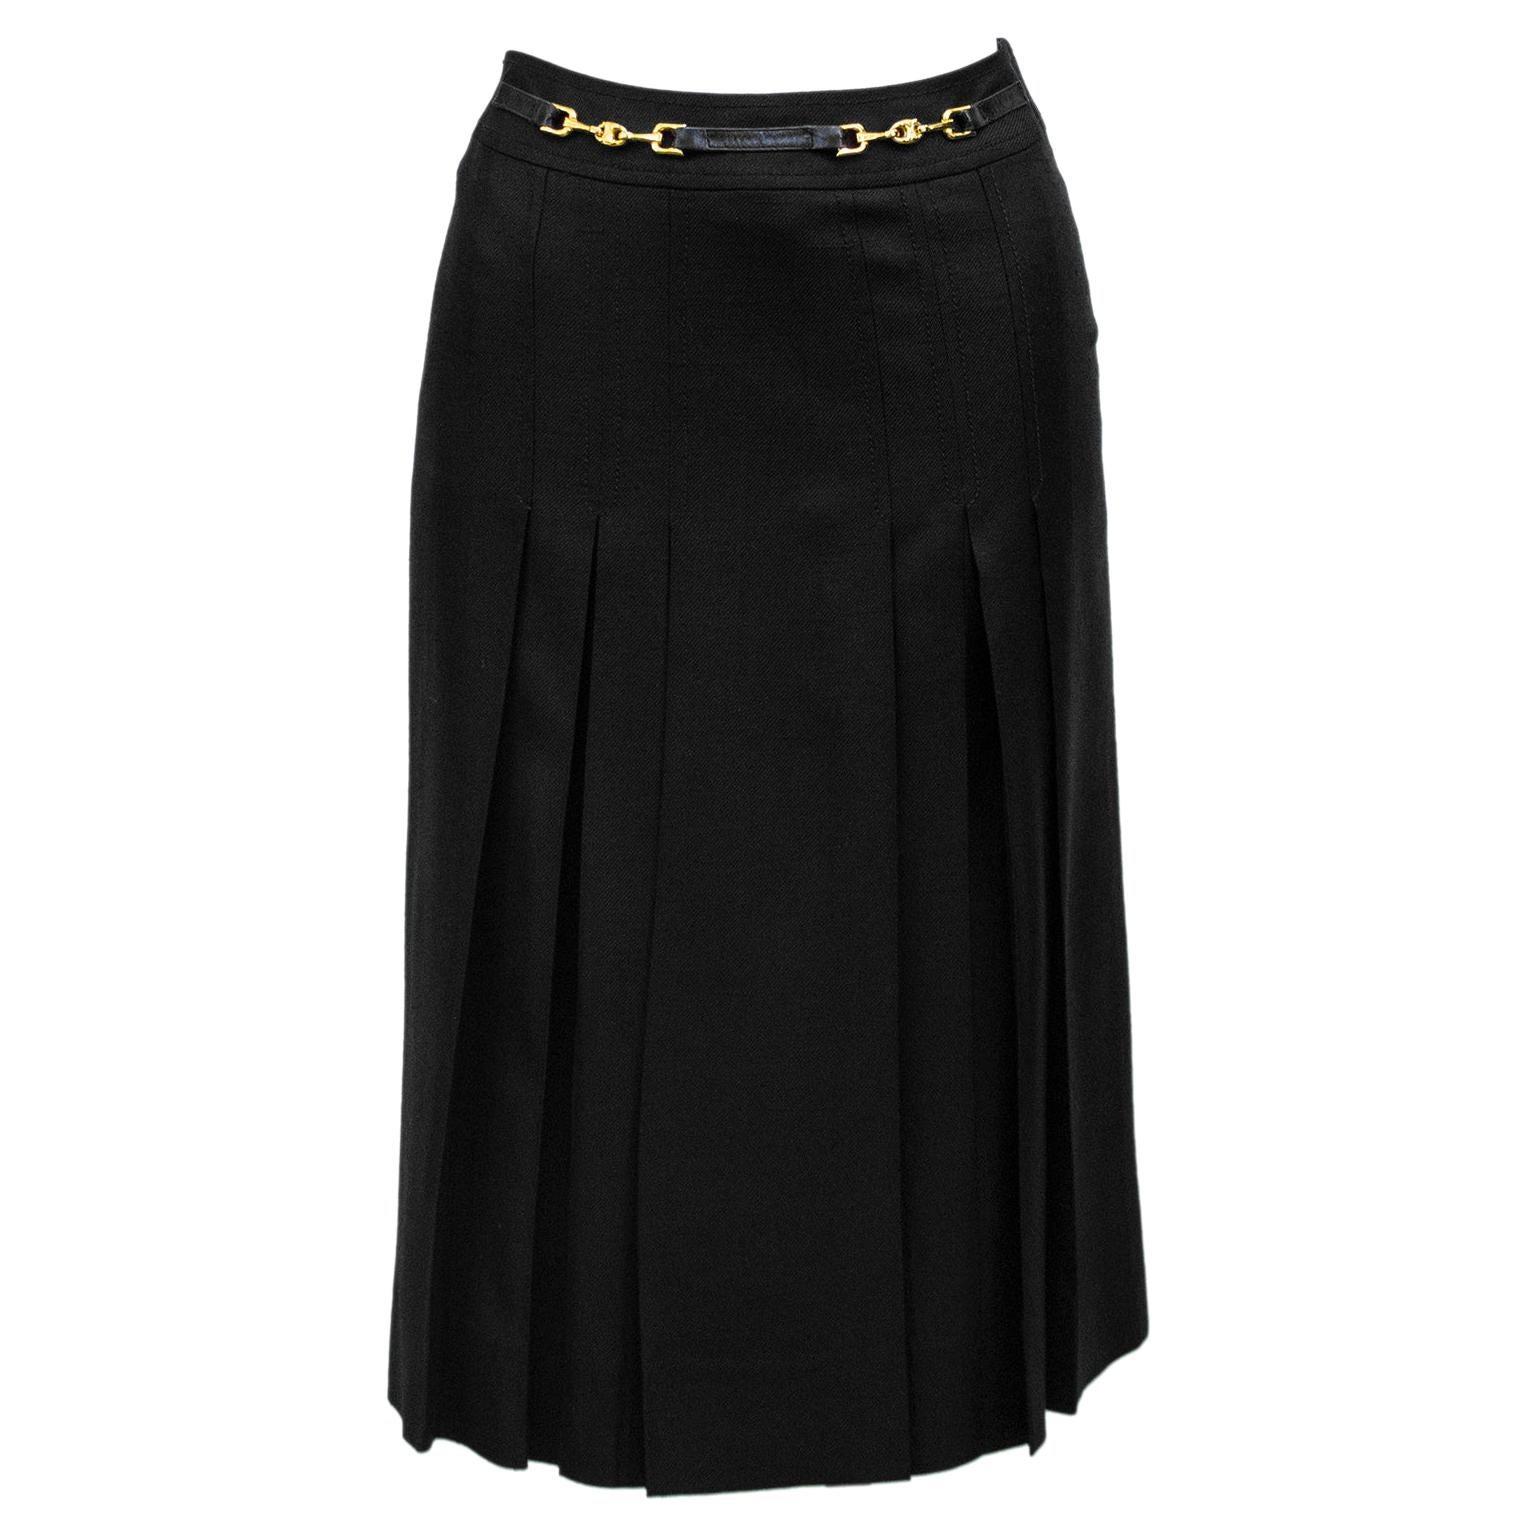 1970s Celine Black Pleated Skirt